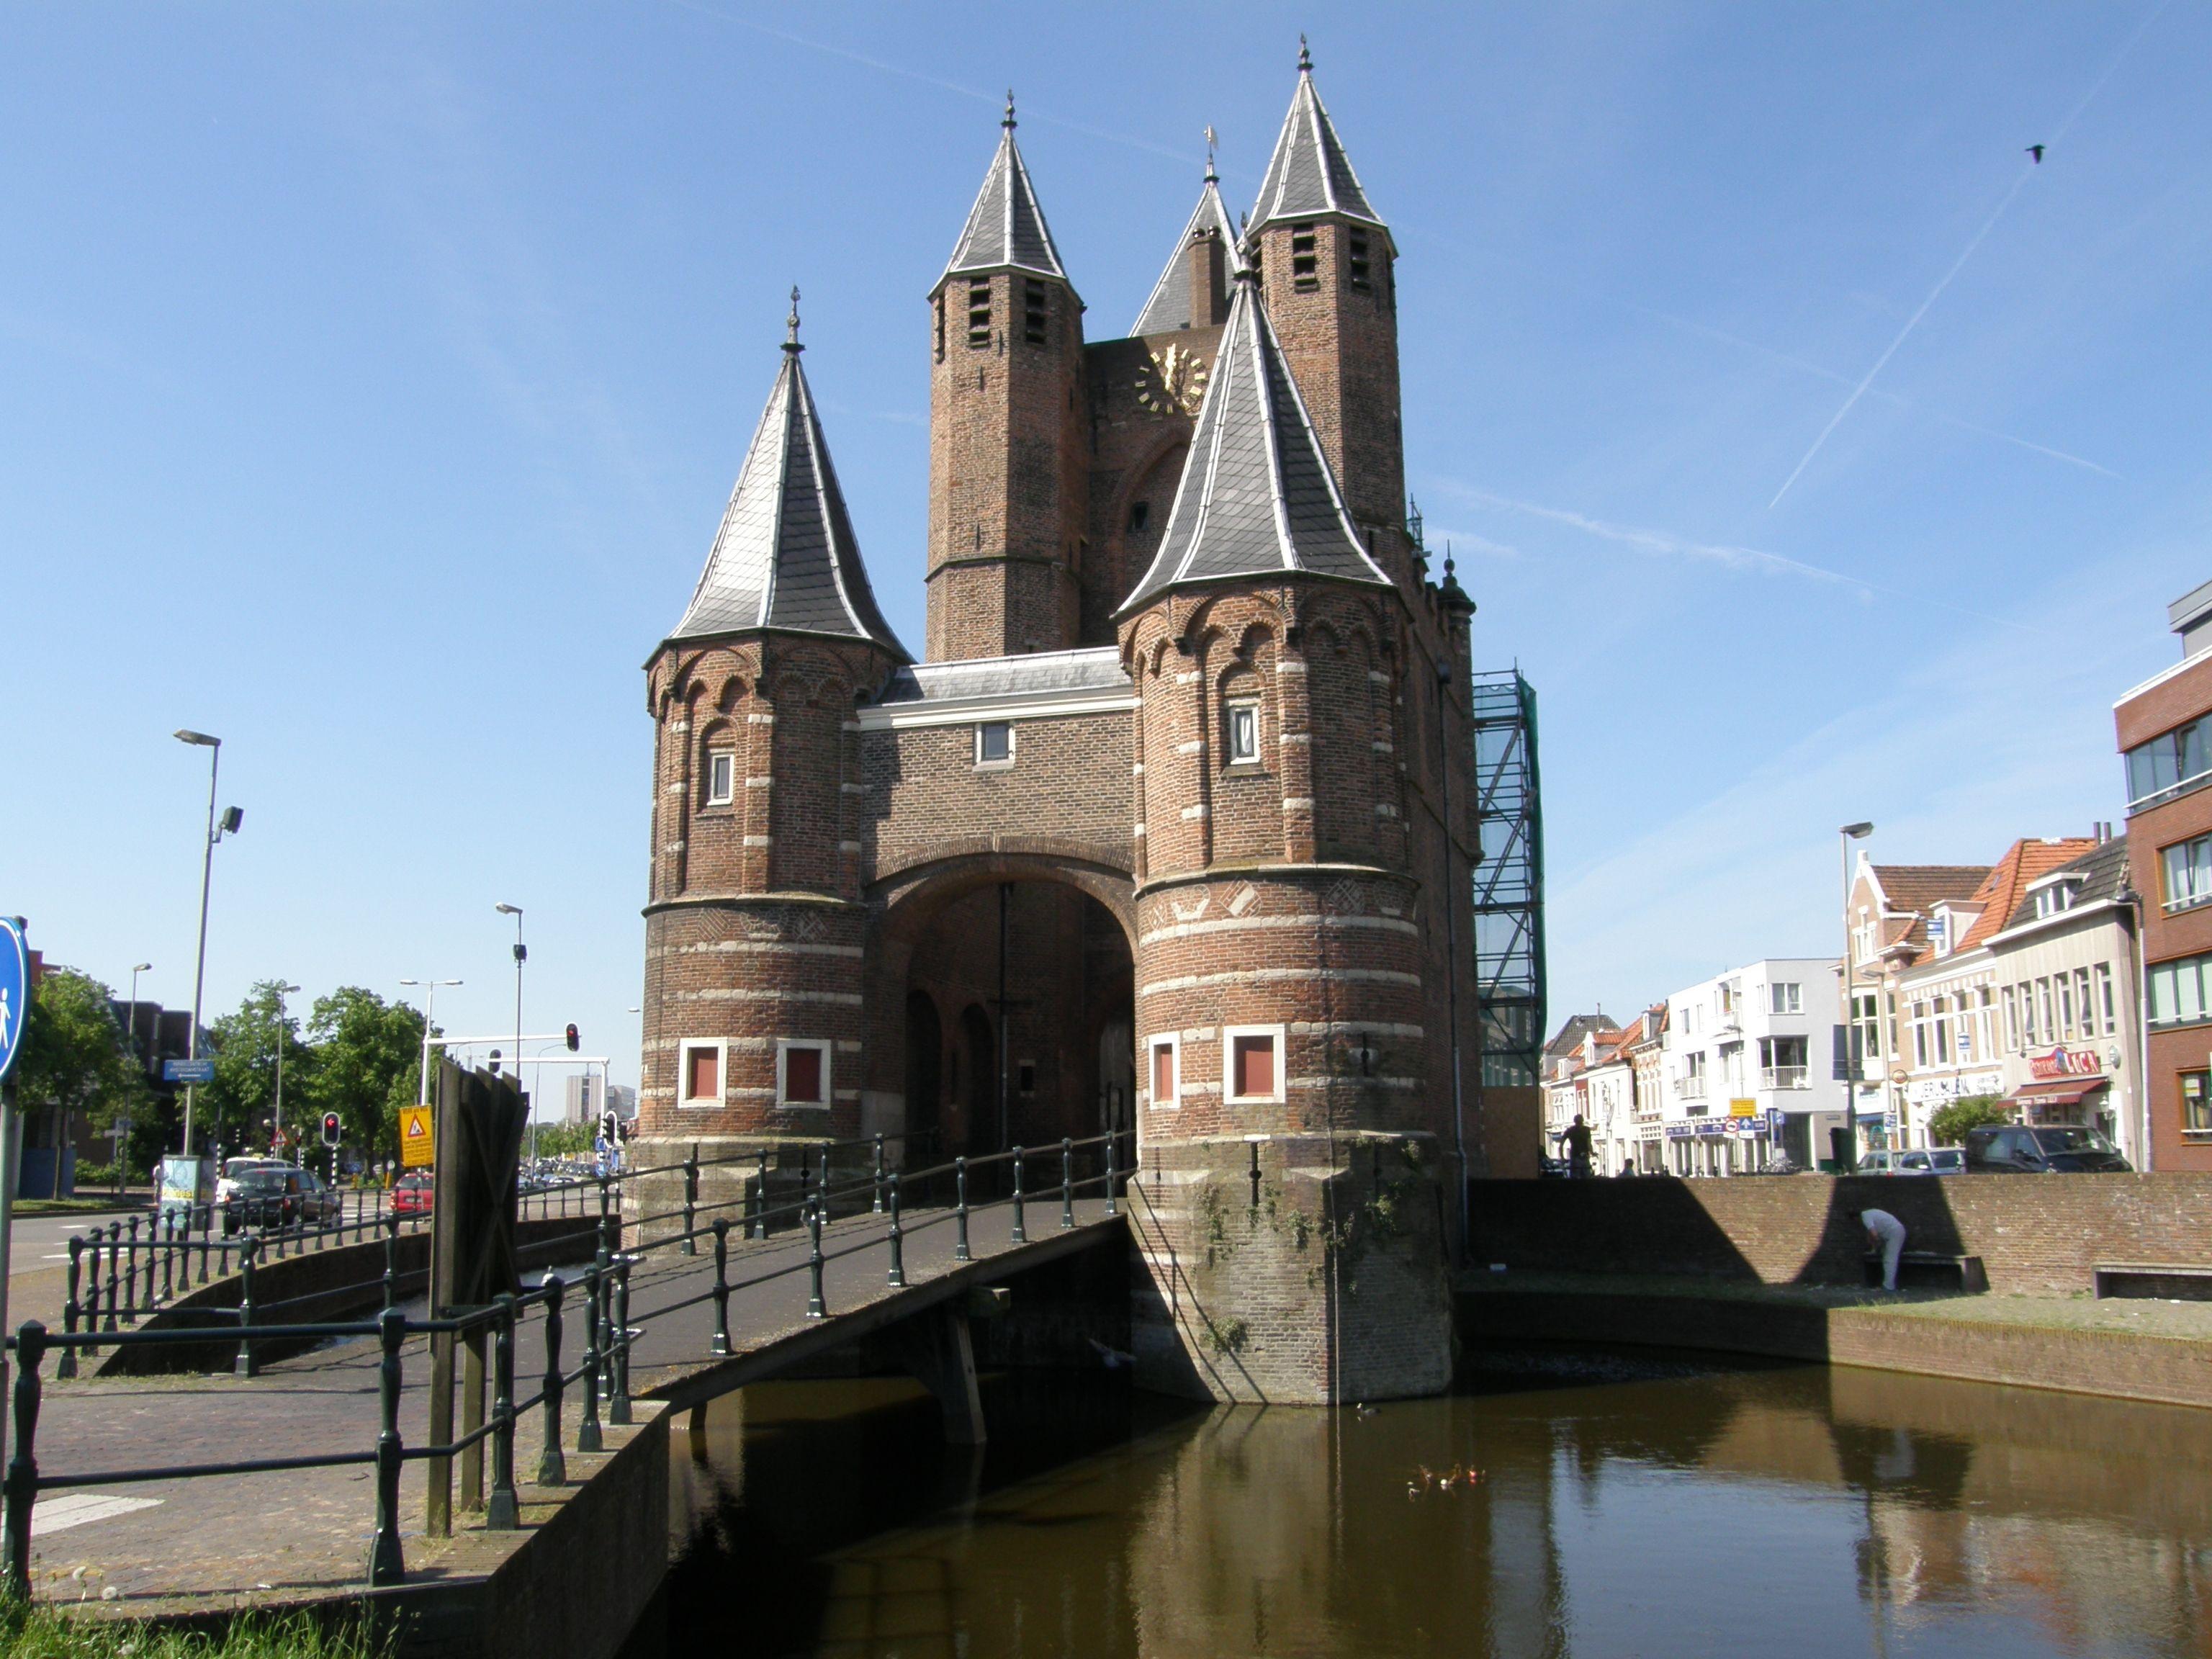 Hotel Amsterdamse Poort